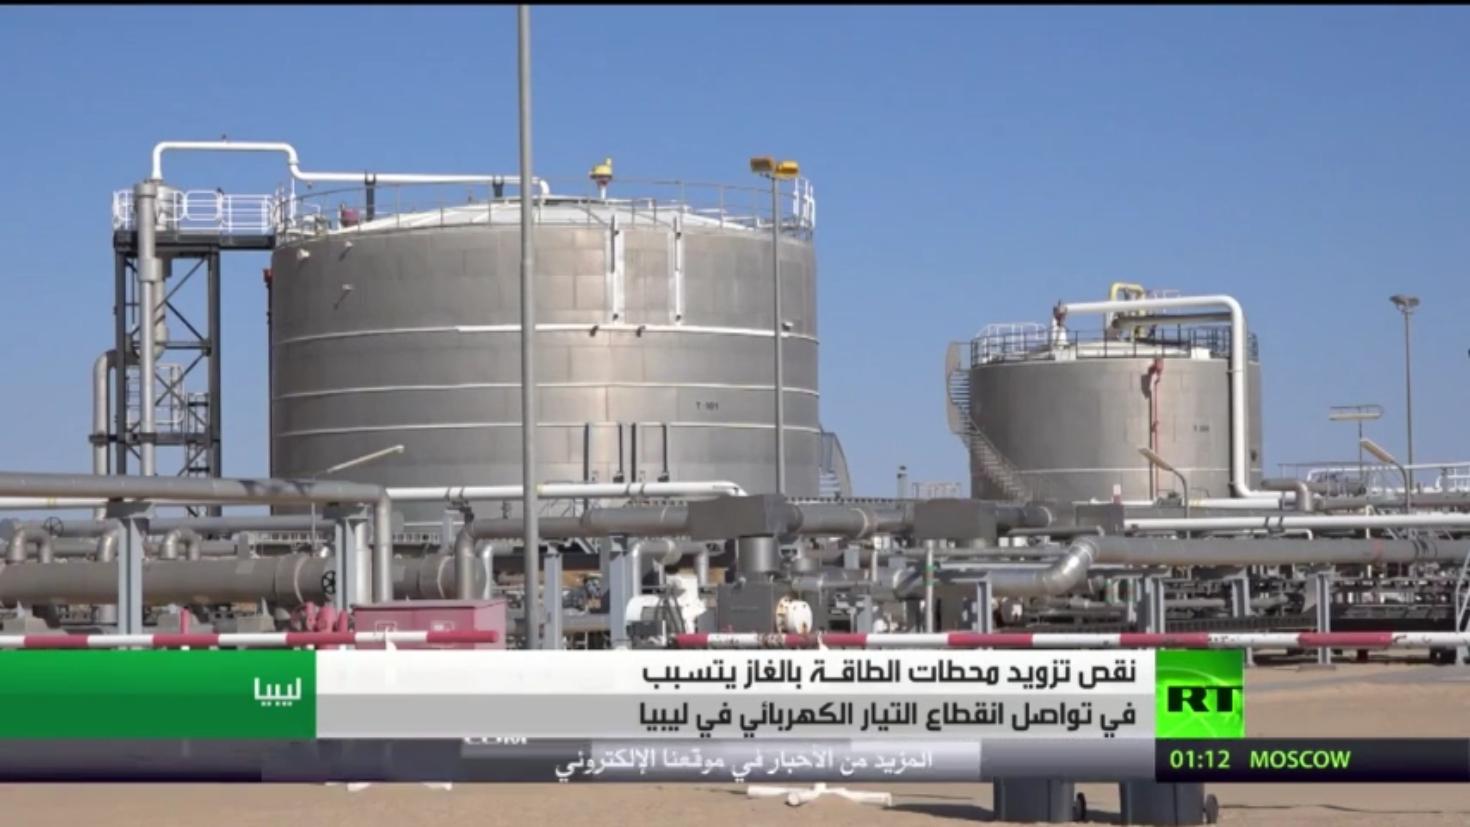 استمرار انقطاع الكهرباء في معظم مناطق ليبيا